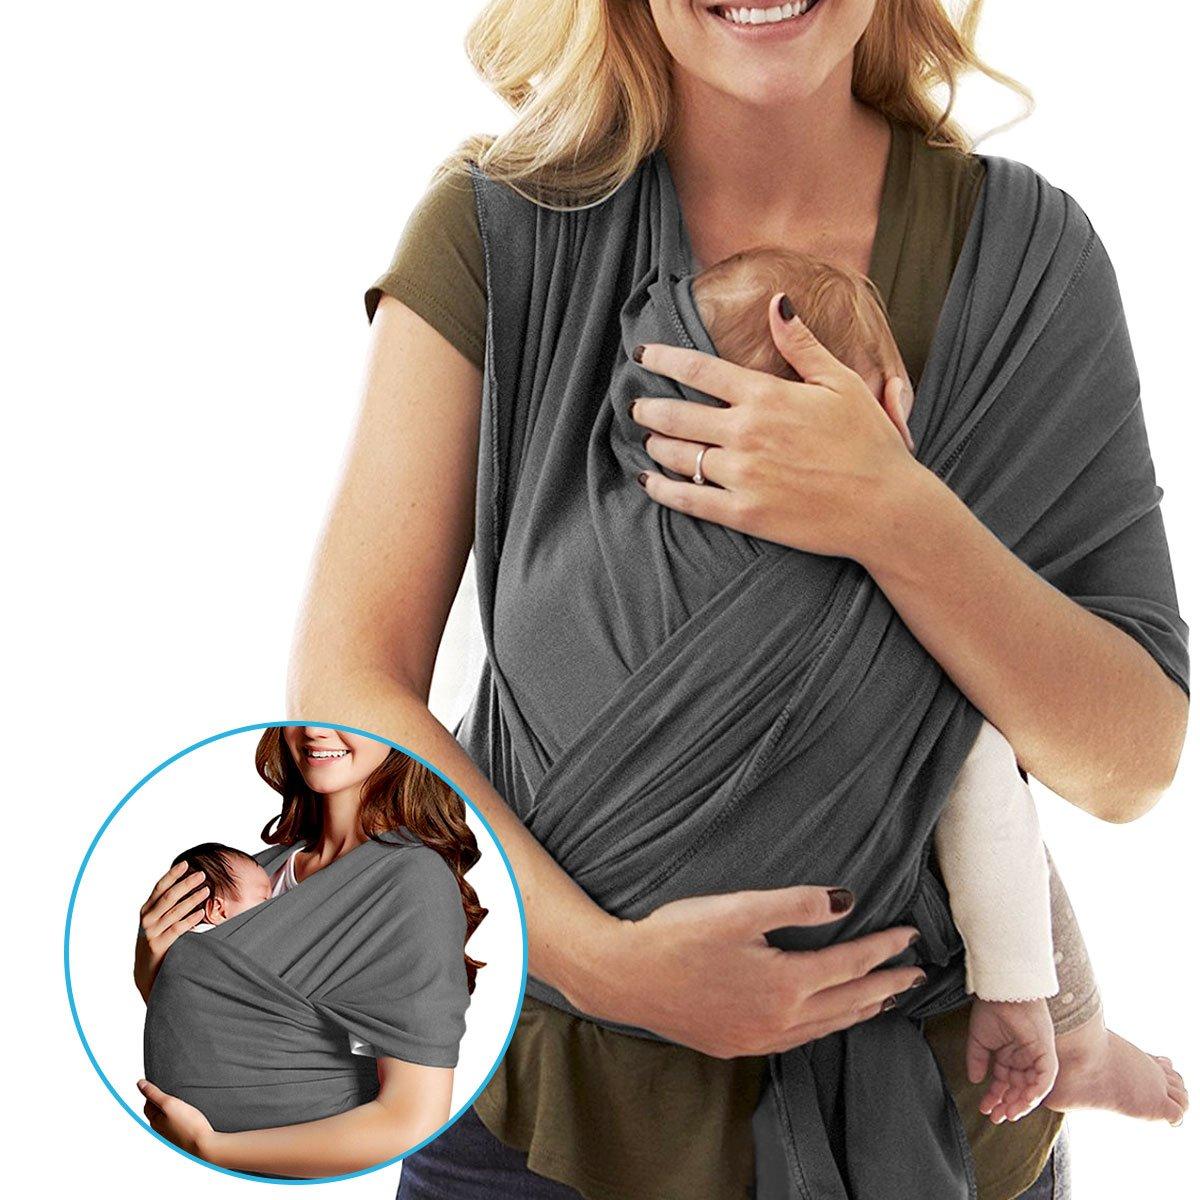 LegendTech Farbe Grau Babytragetuch - Babytragetasche - Baby Carrier Sling - Babytragetuch Neugeborene - Ergonomische Babytrage - 100% Bio-Baumwolle - Elastisches Tragetuch für Früh